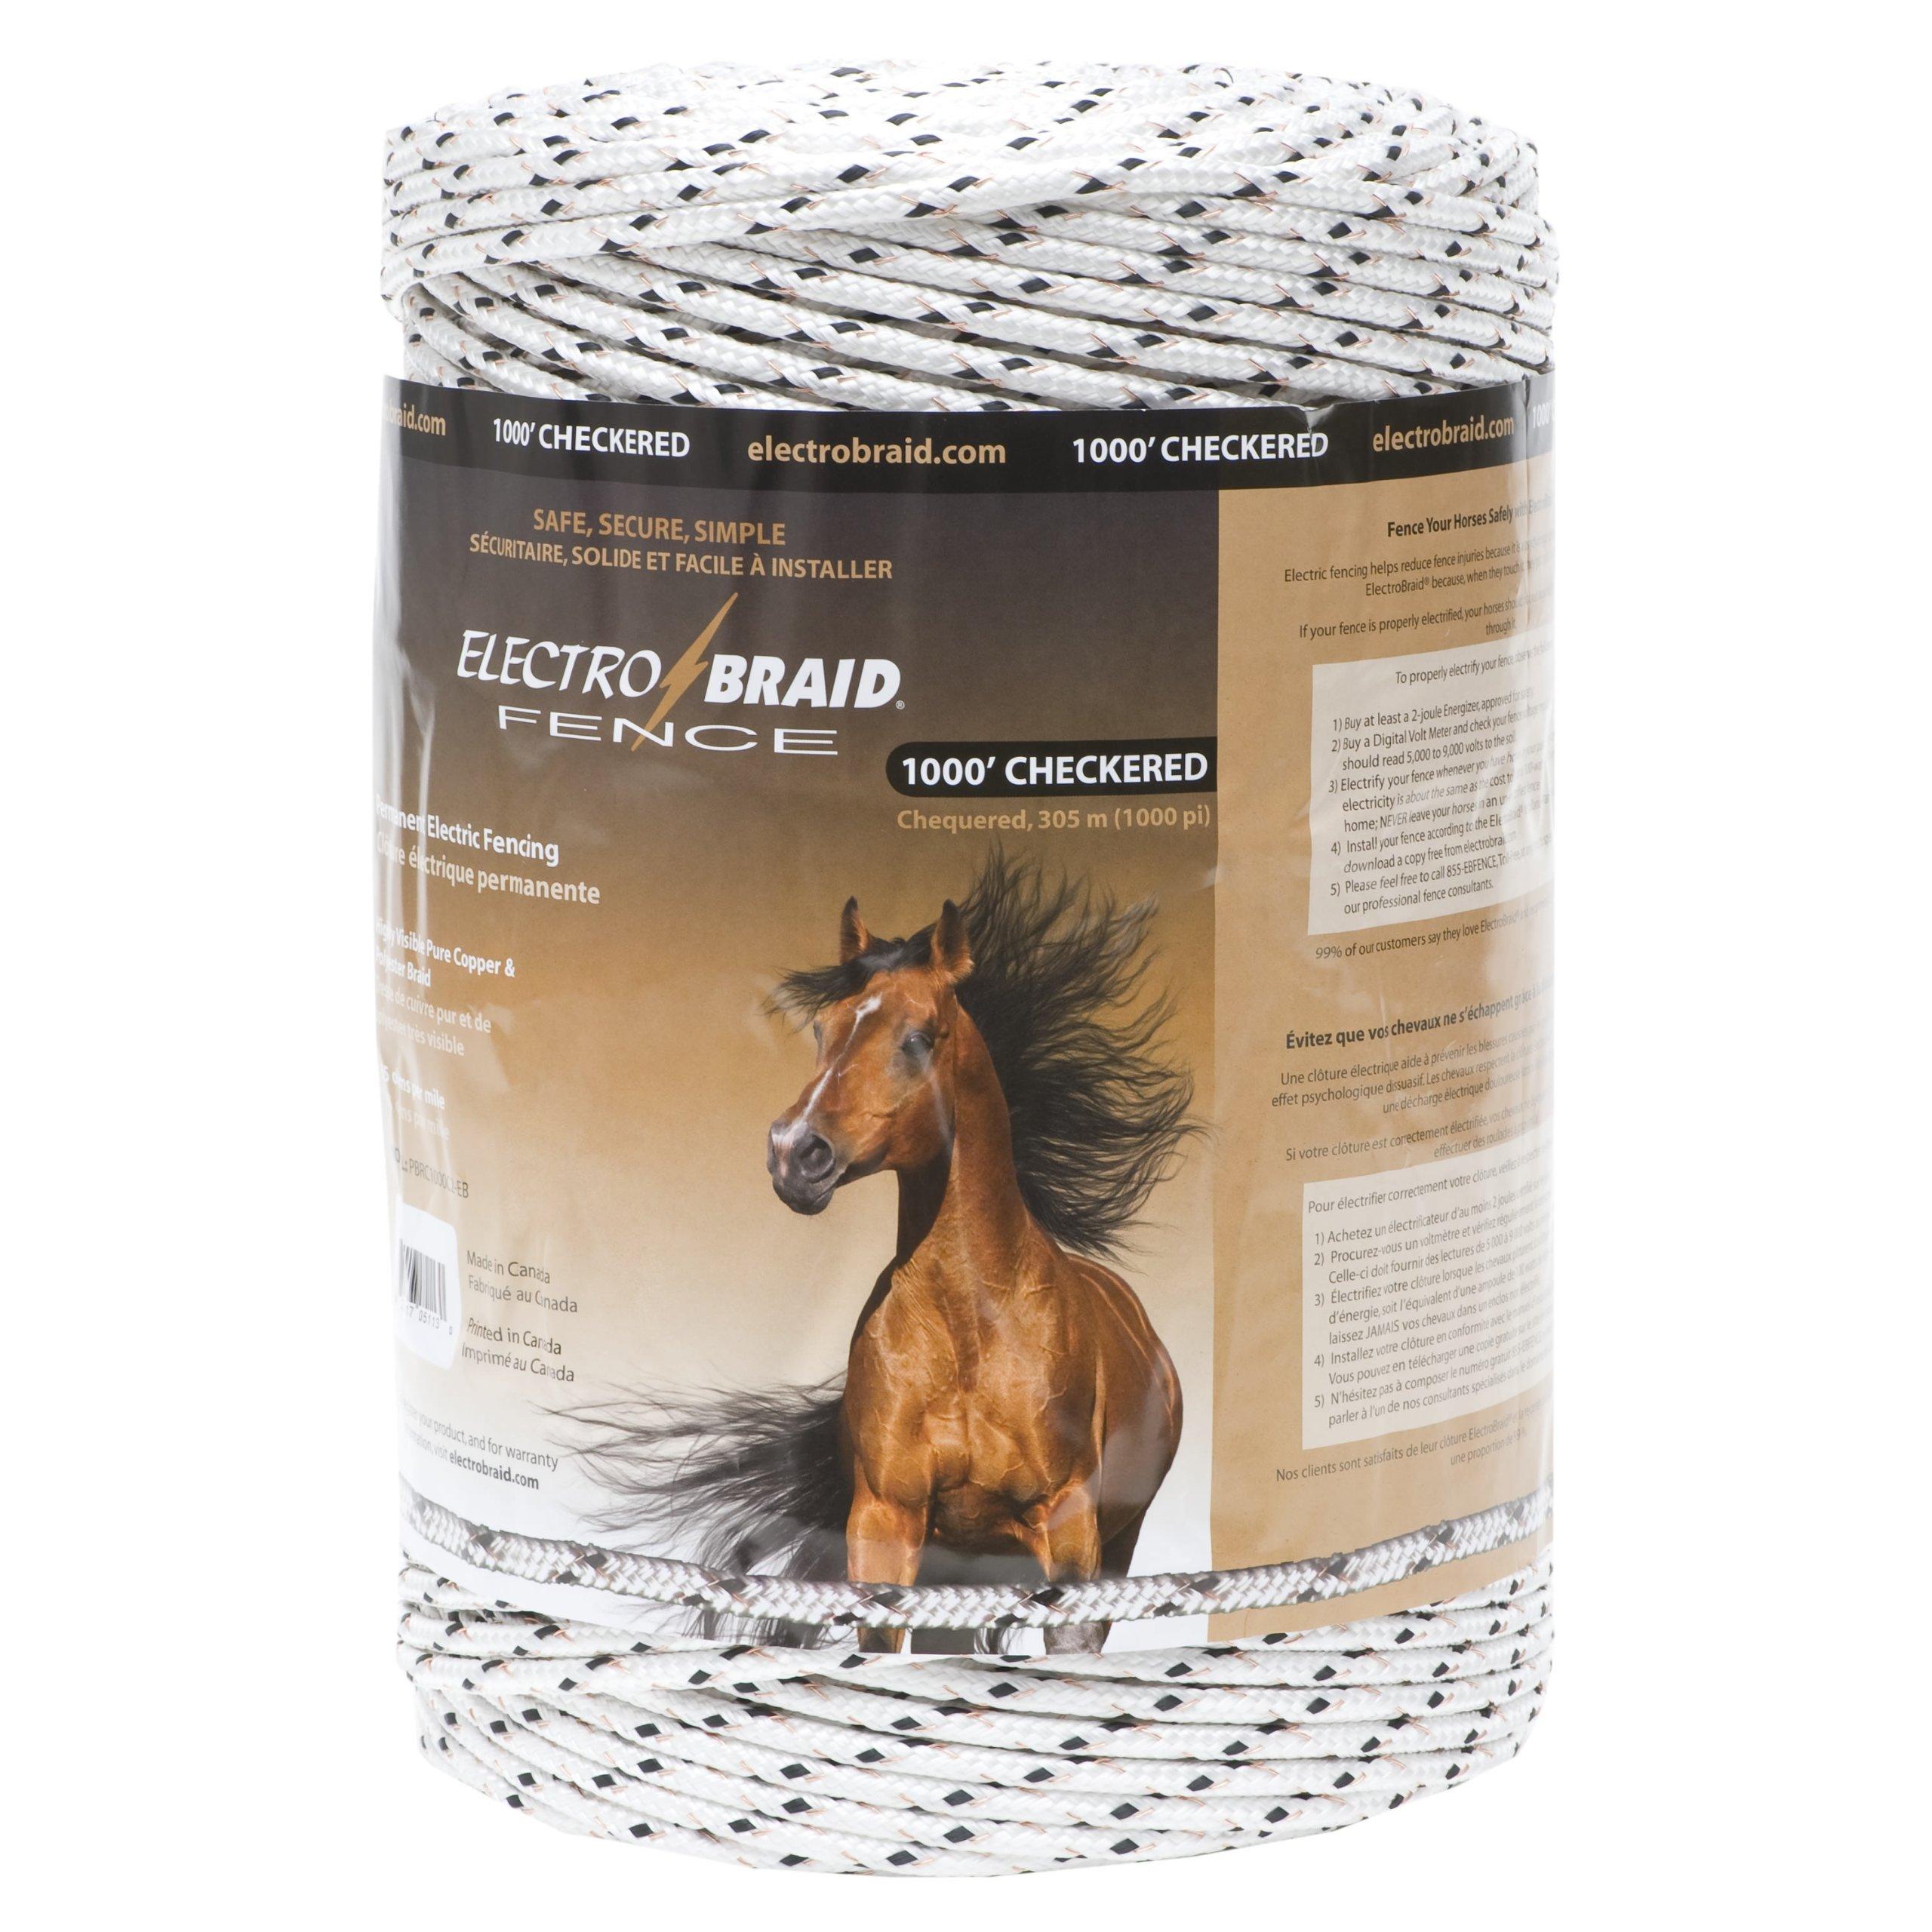 ElectroBraid PBRC1000C2-EB Horse Fence Conductor Reel, 1000-Feet, Checkered by ElectroBraid